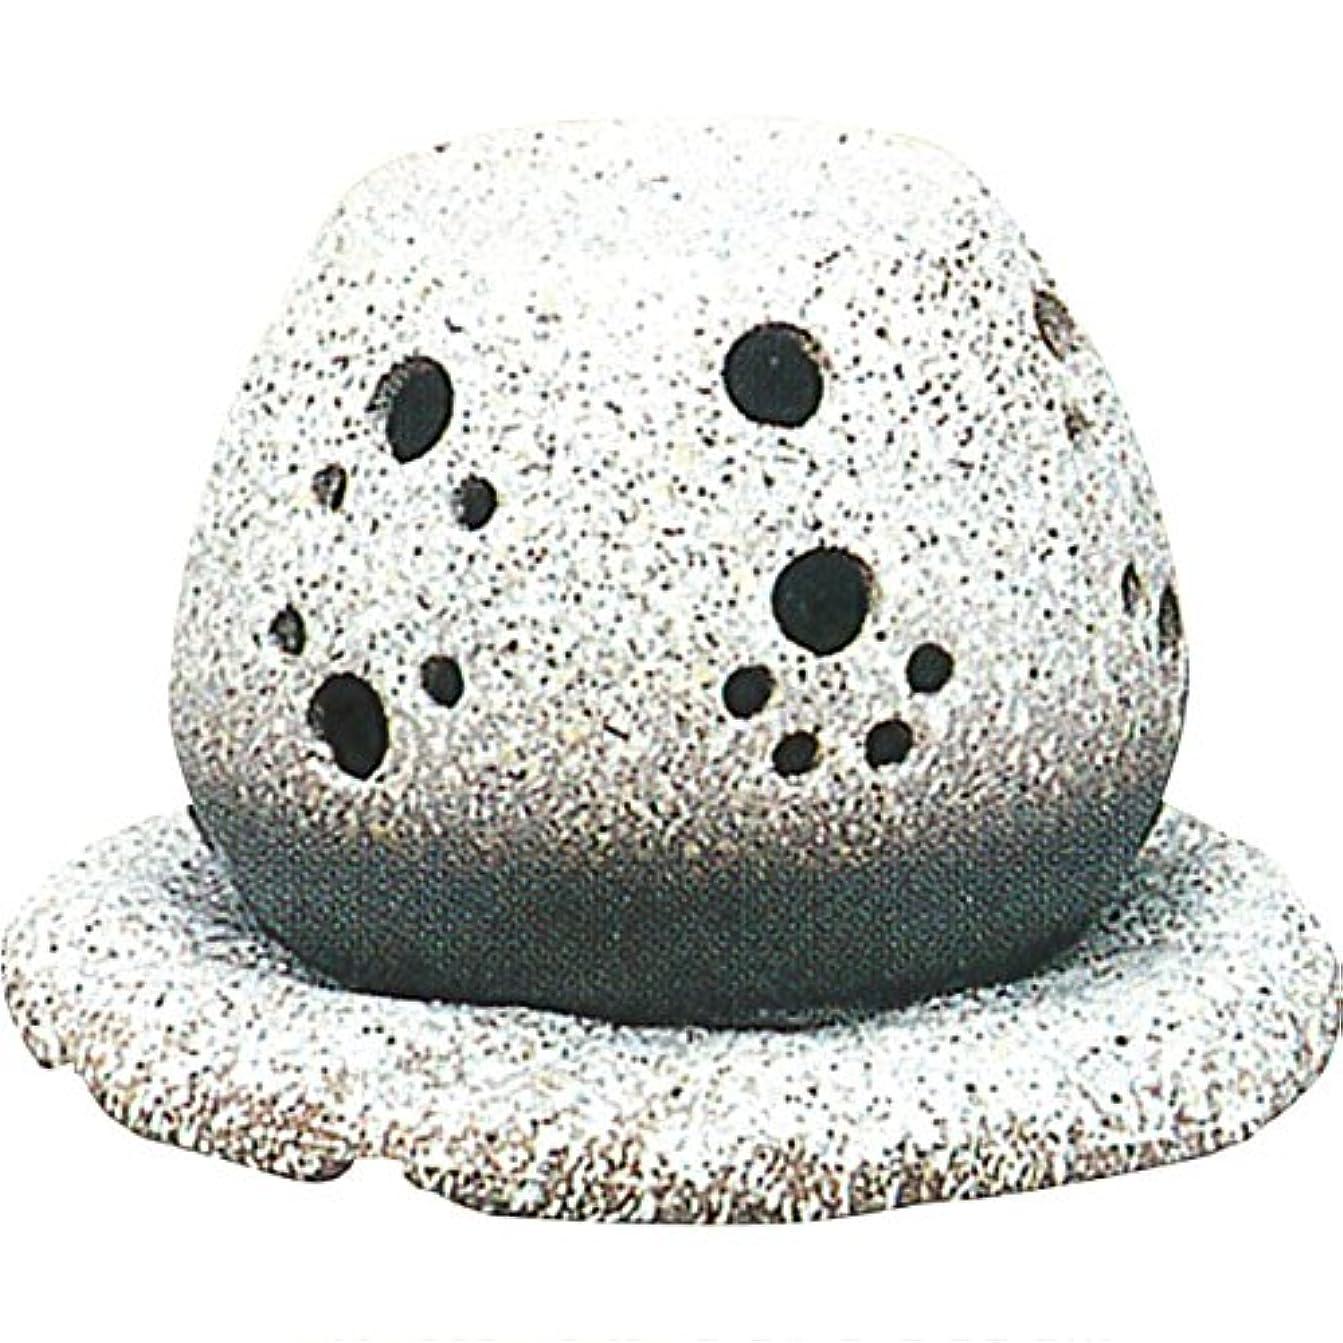 攻撃的教義ずらす茶香炉 : 常滑焼 山房窯 ロウソクタイプ茶香炉 (白皿付?ロウソク1ヶ付)?ル35-05